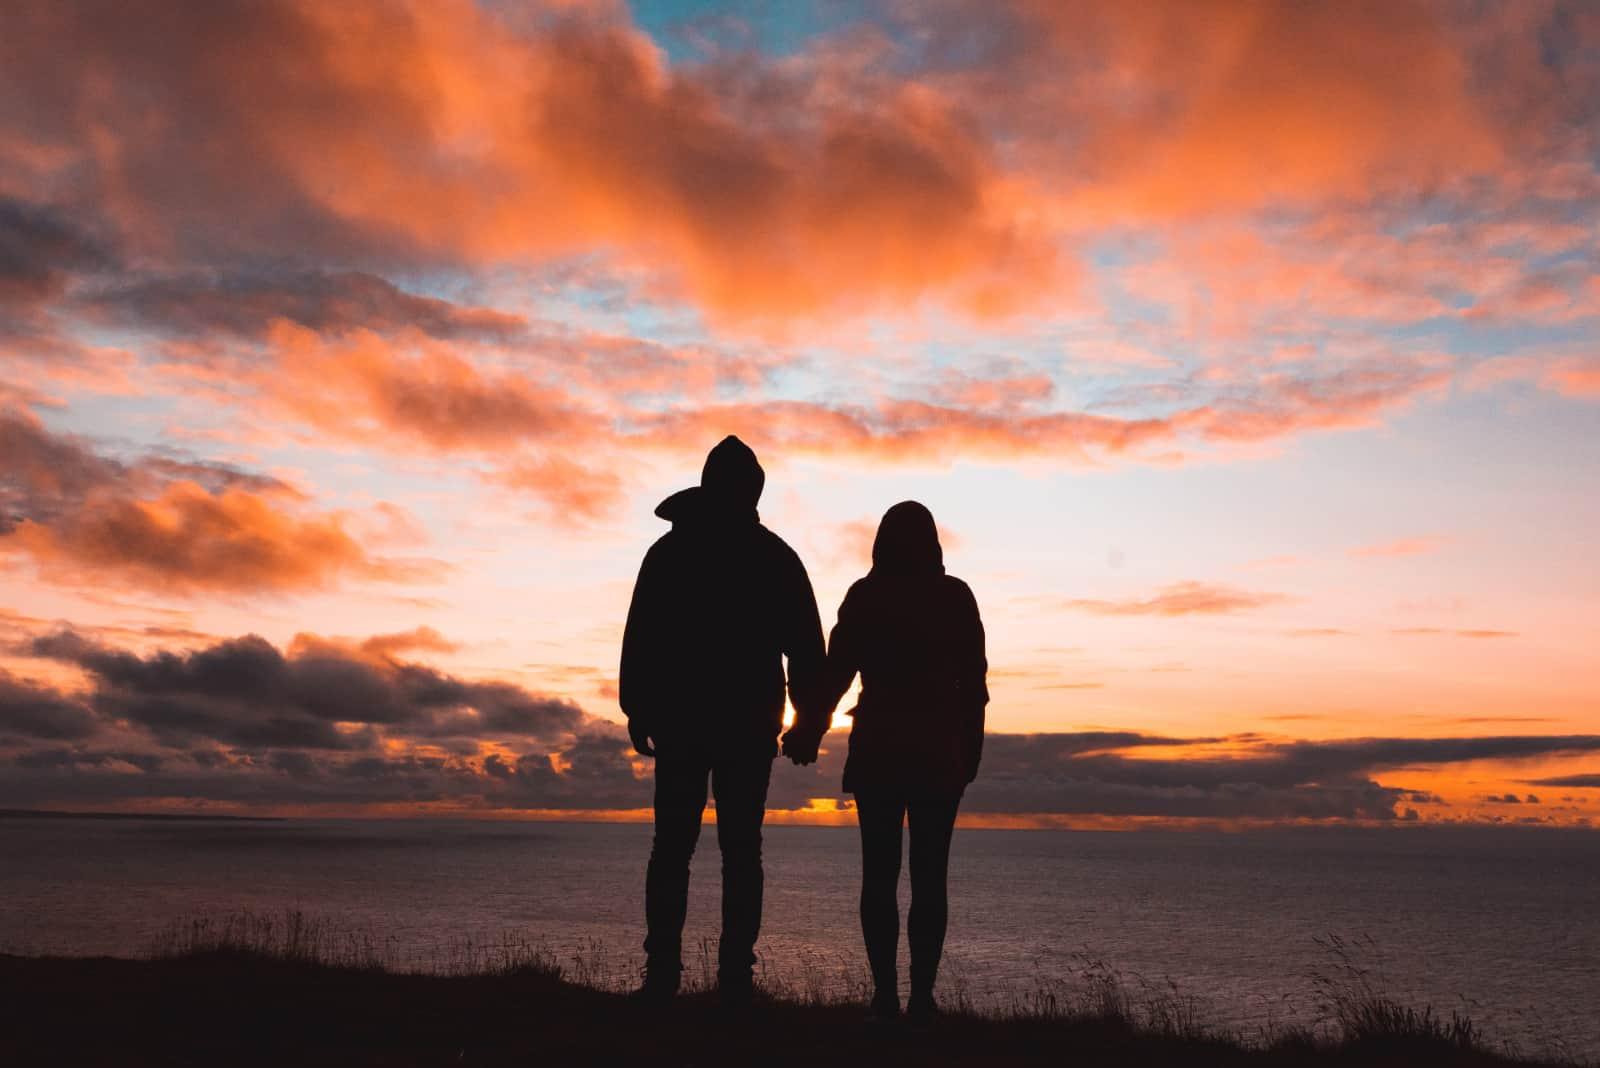 un homme et une femme se tenant la main en se tenant sur une falaise